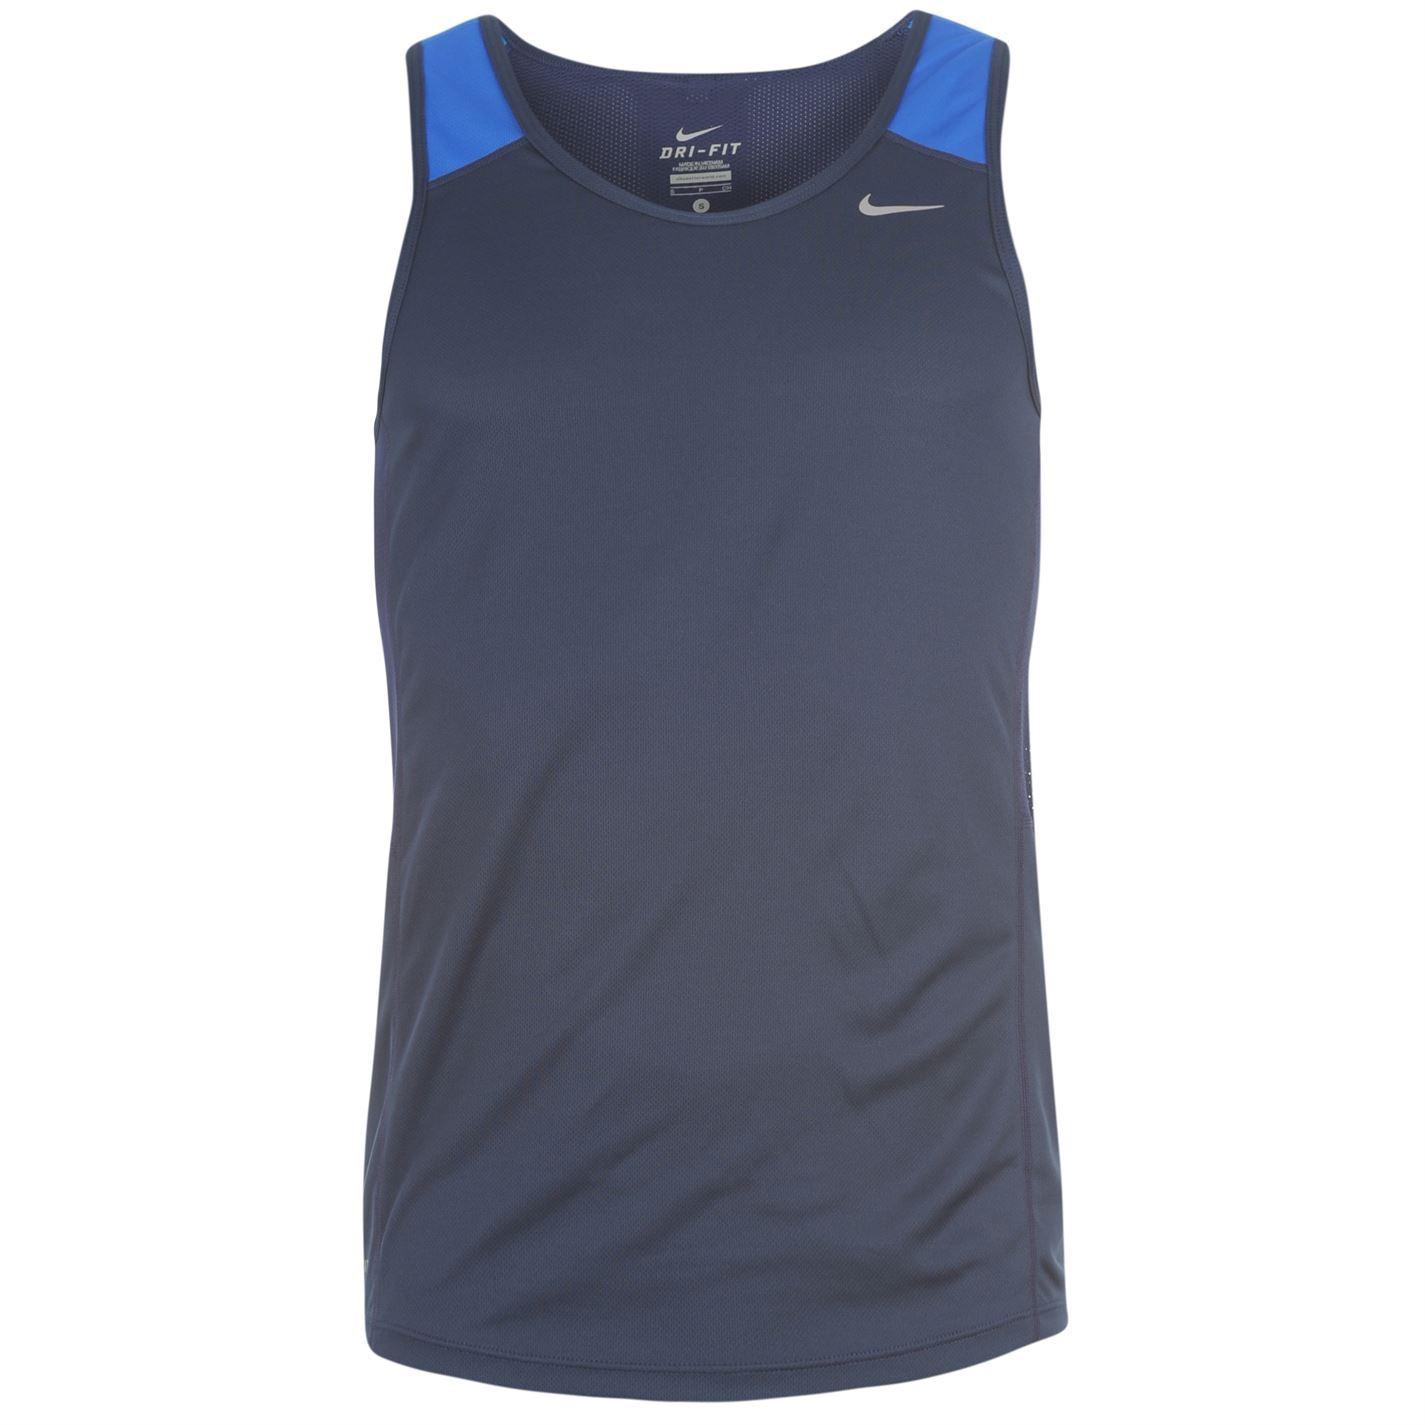 Nike racer vest singlet mens navy blue t shirt ebay for Navy blue and white nike shirt